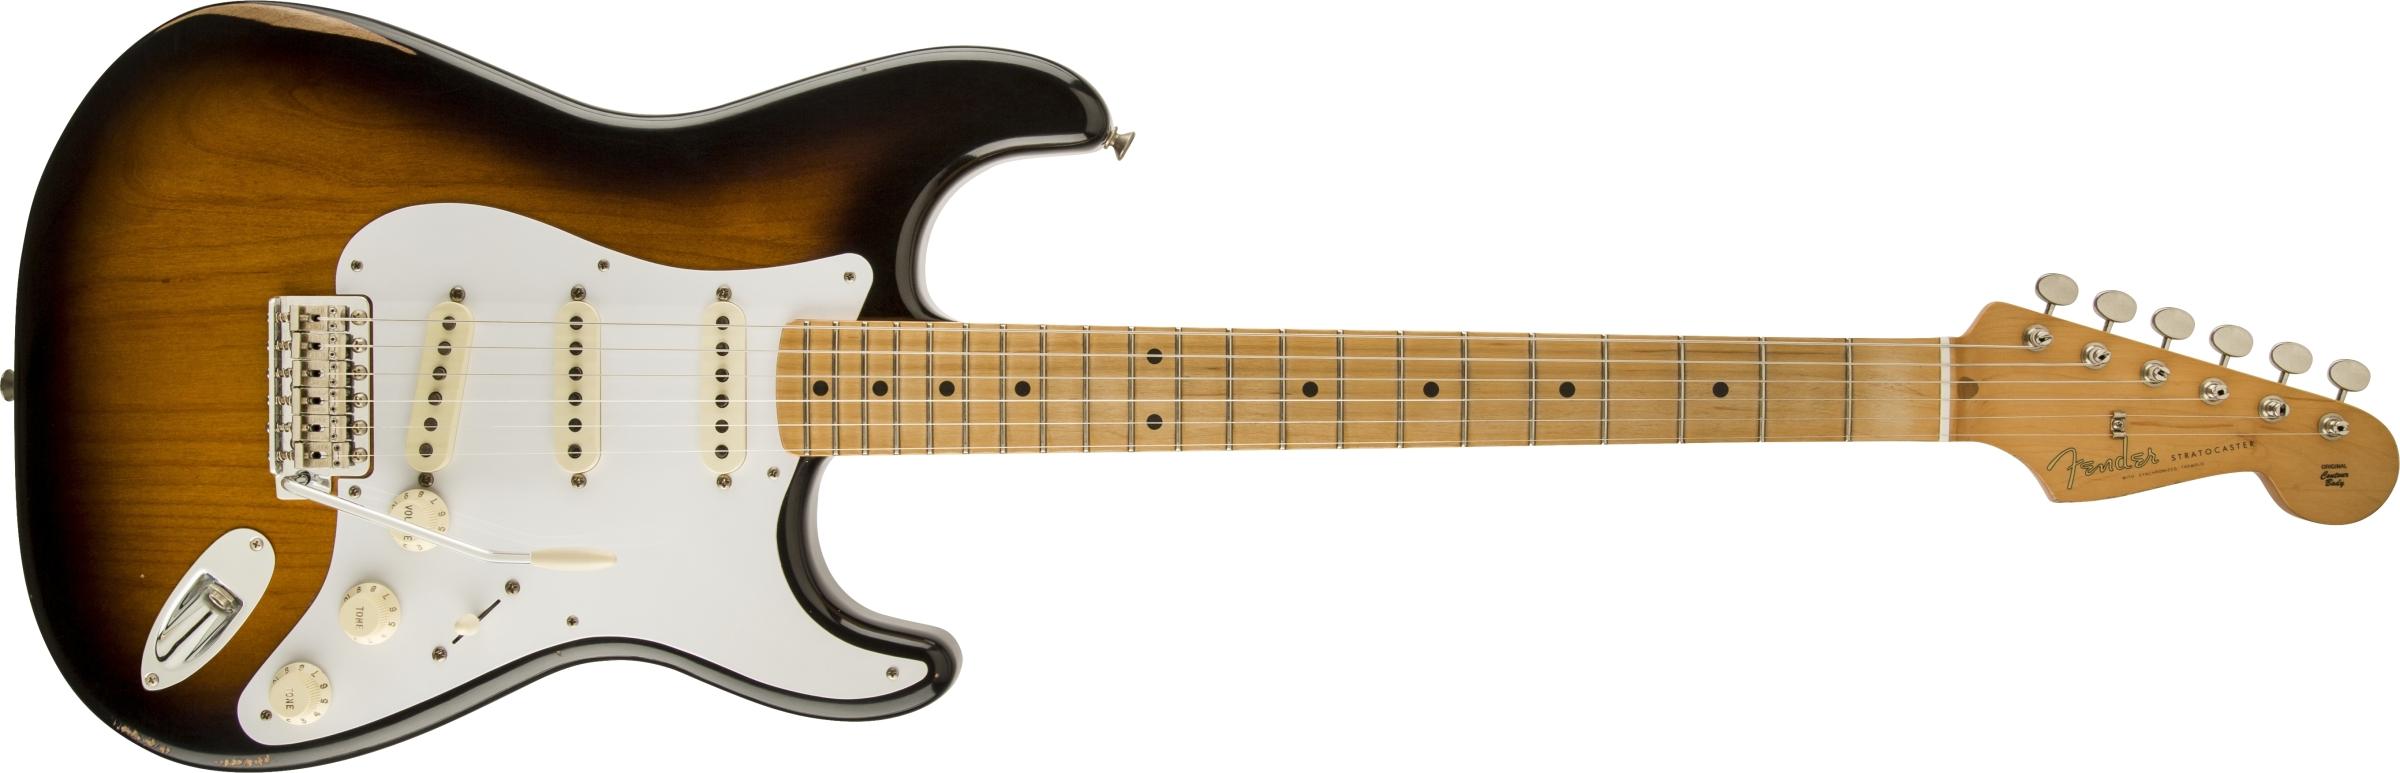 fender road worn 39 50s stratocaster maple fingerboard 2 color sunburst. Black Bedroom Furniture Sets. Home Design Ideas